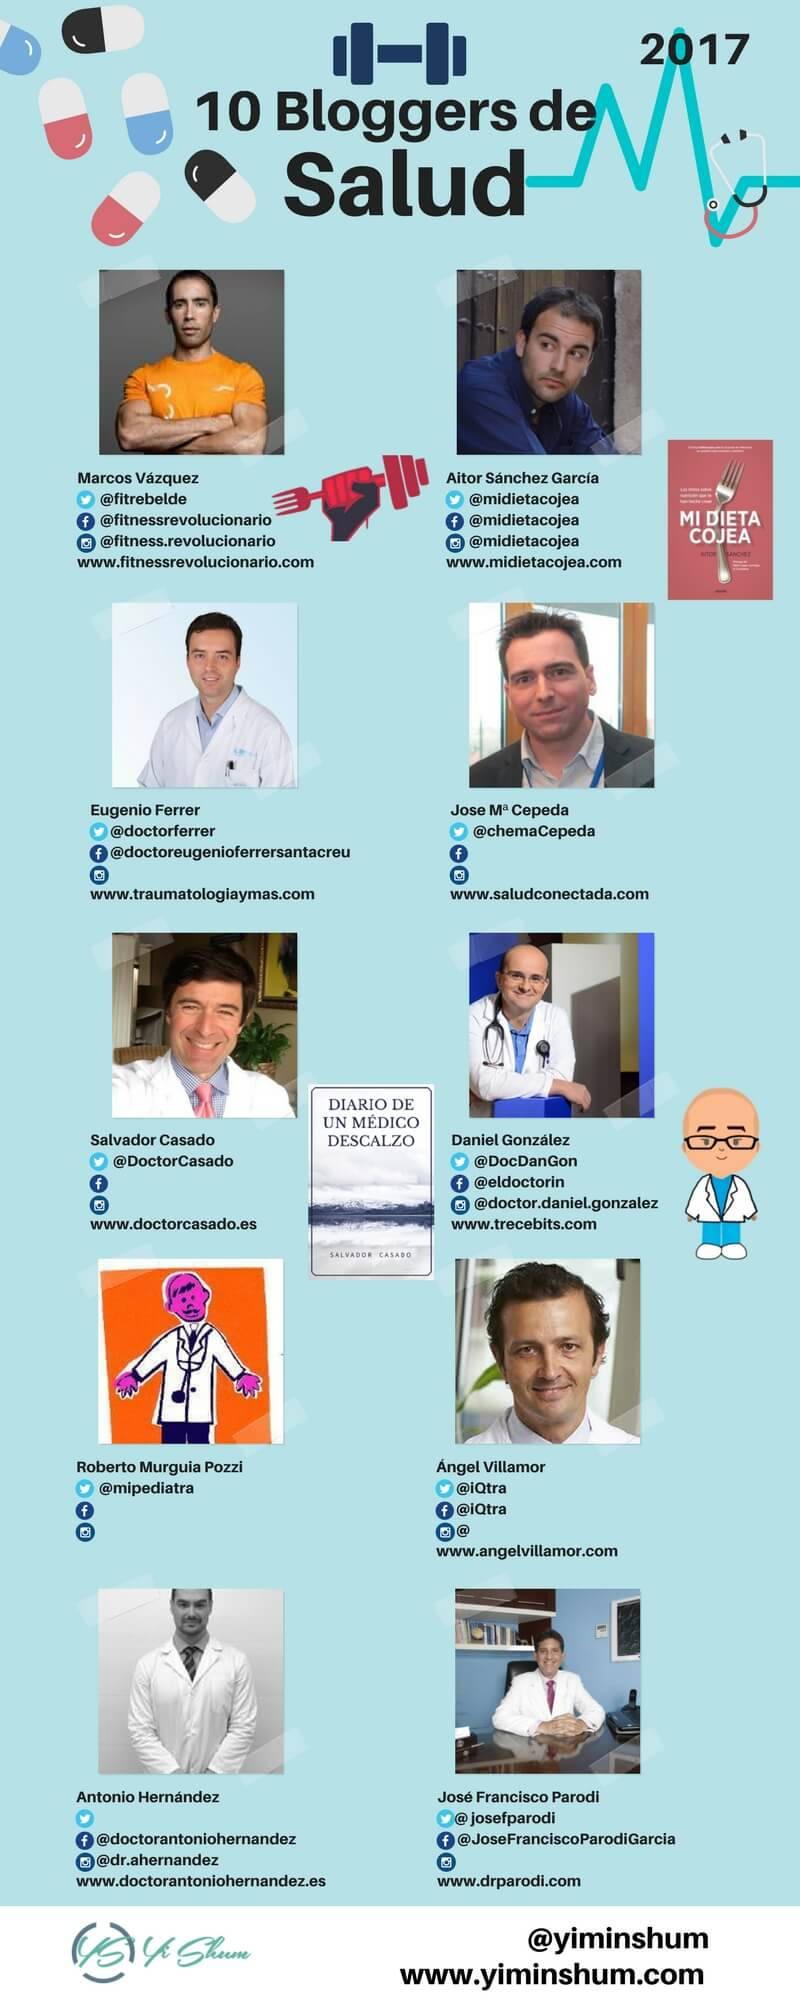 los 10 bloggers de salud mas influyentes 2017 imagen